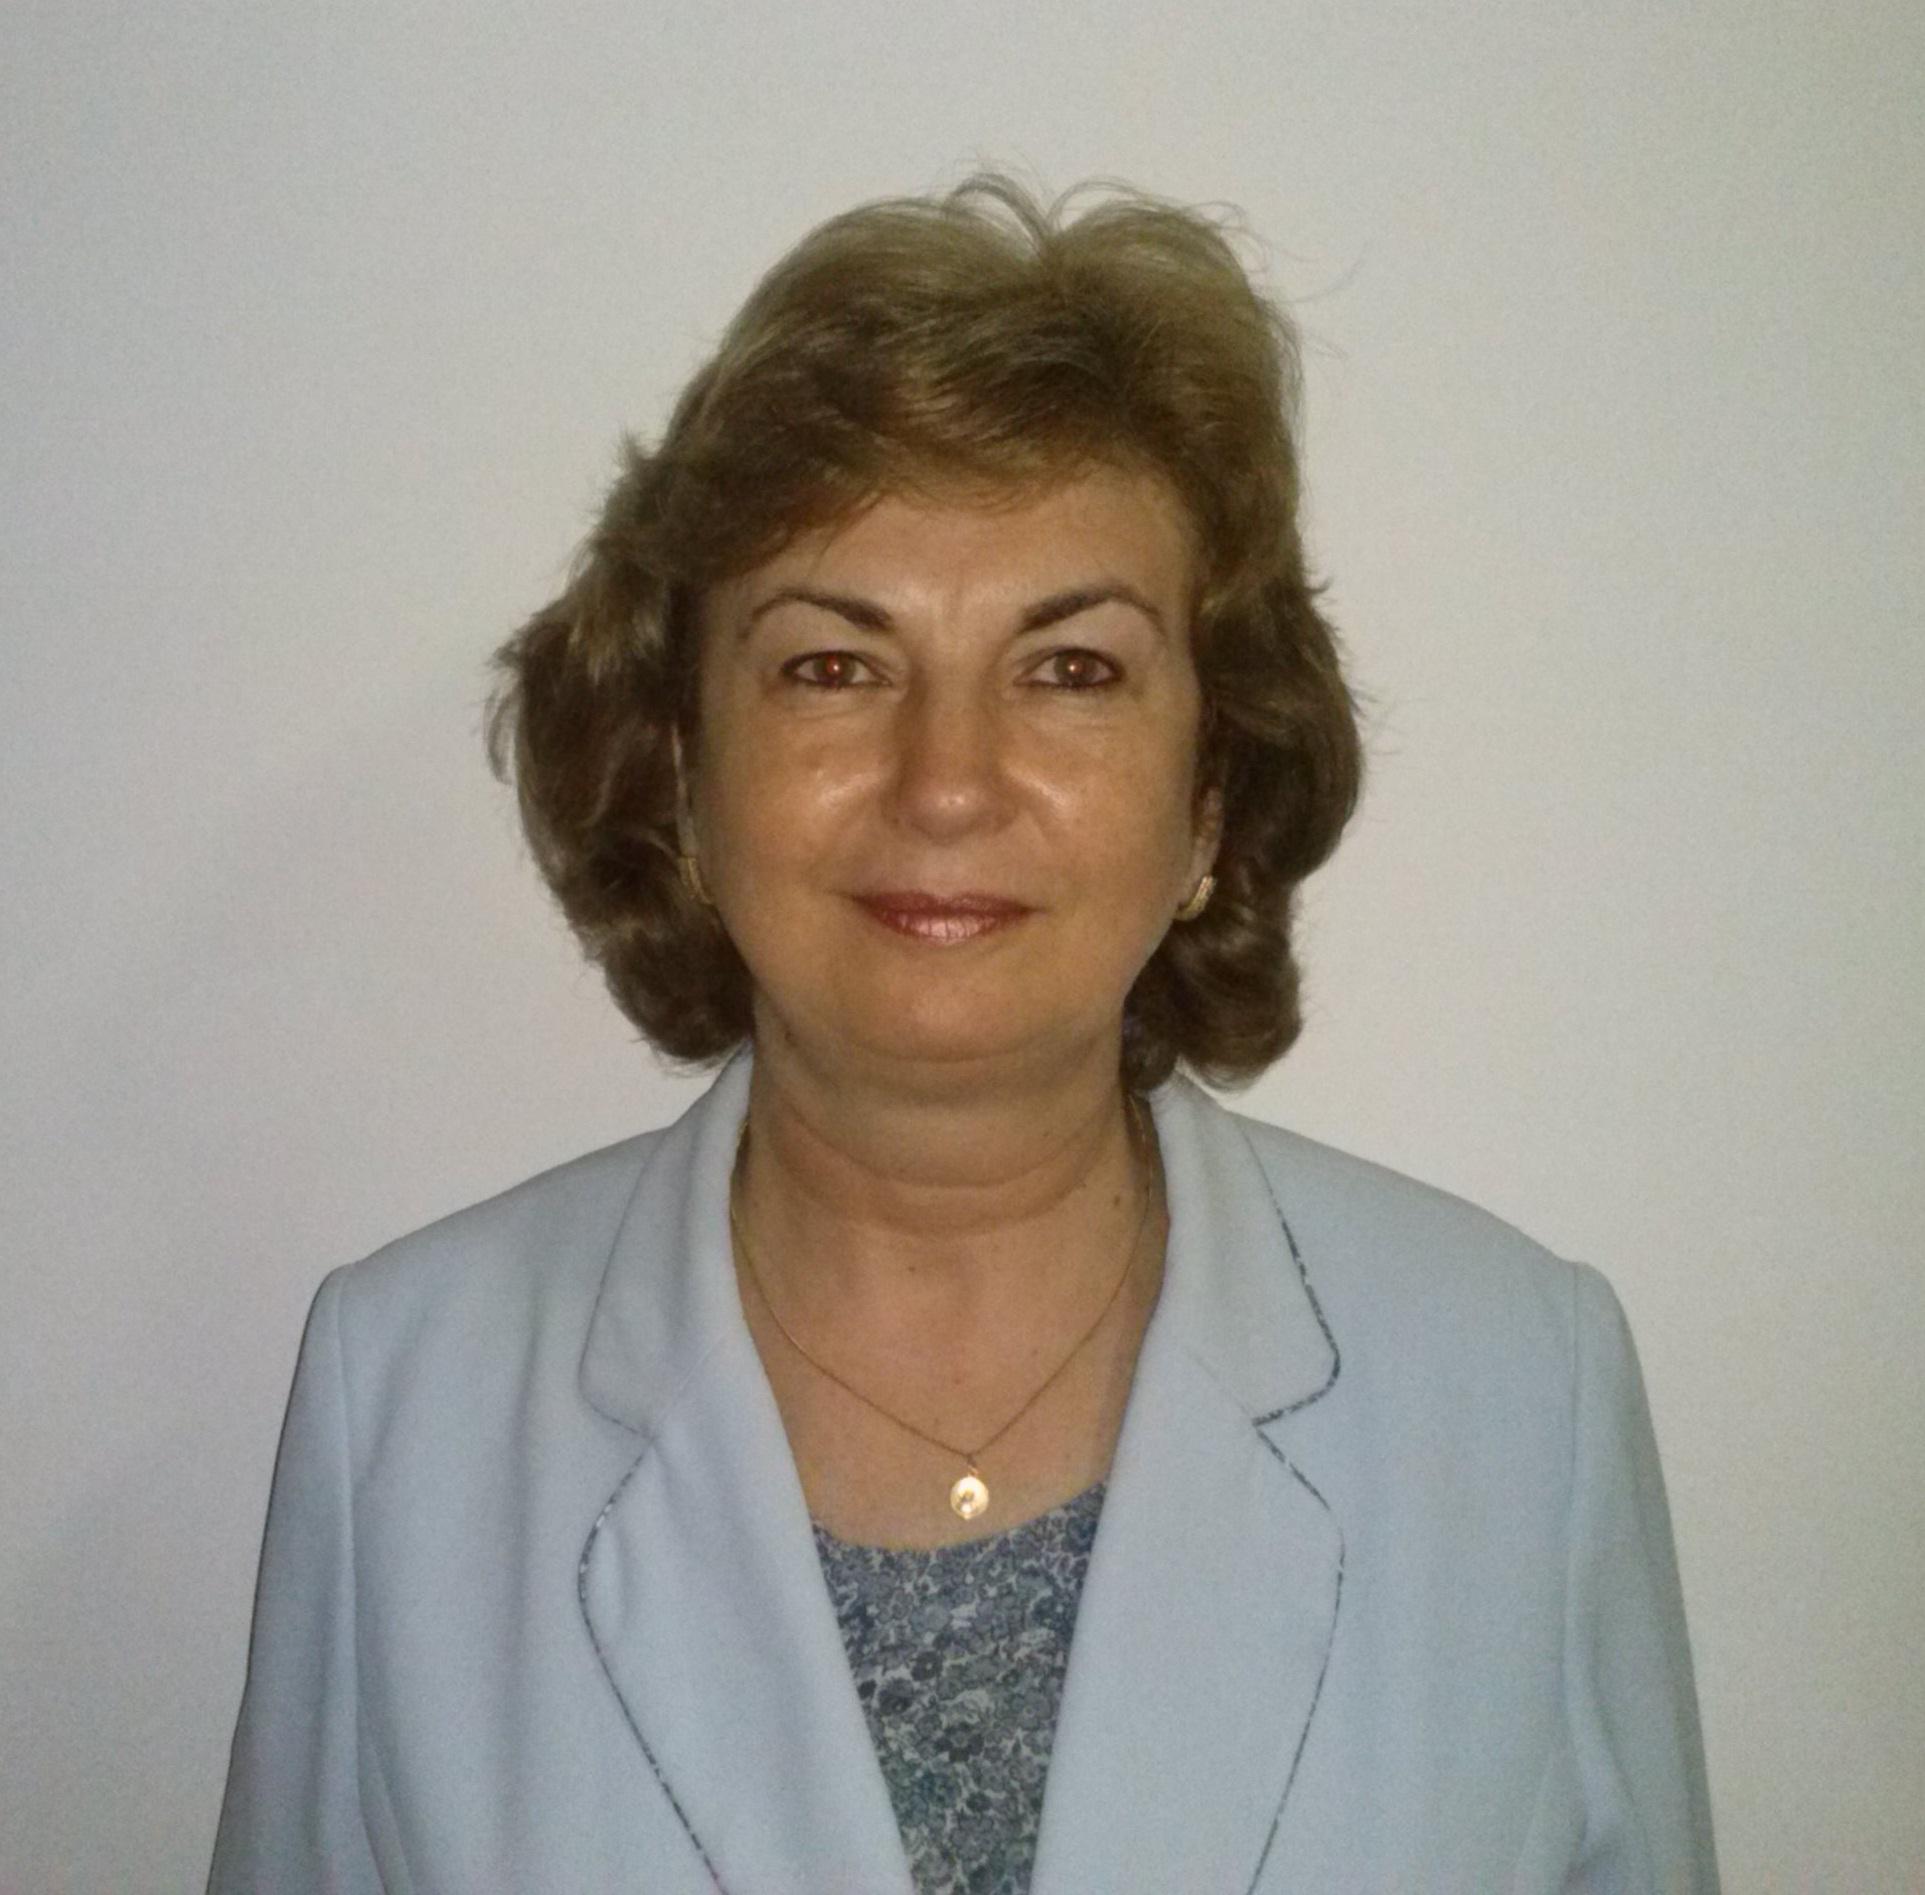 Gabriela Cristina Stefan